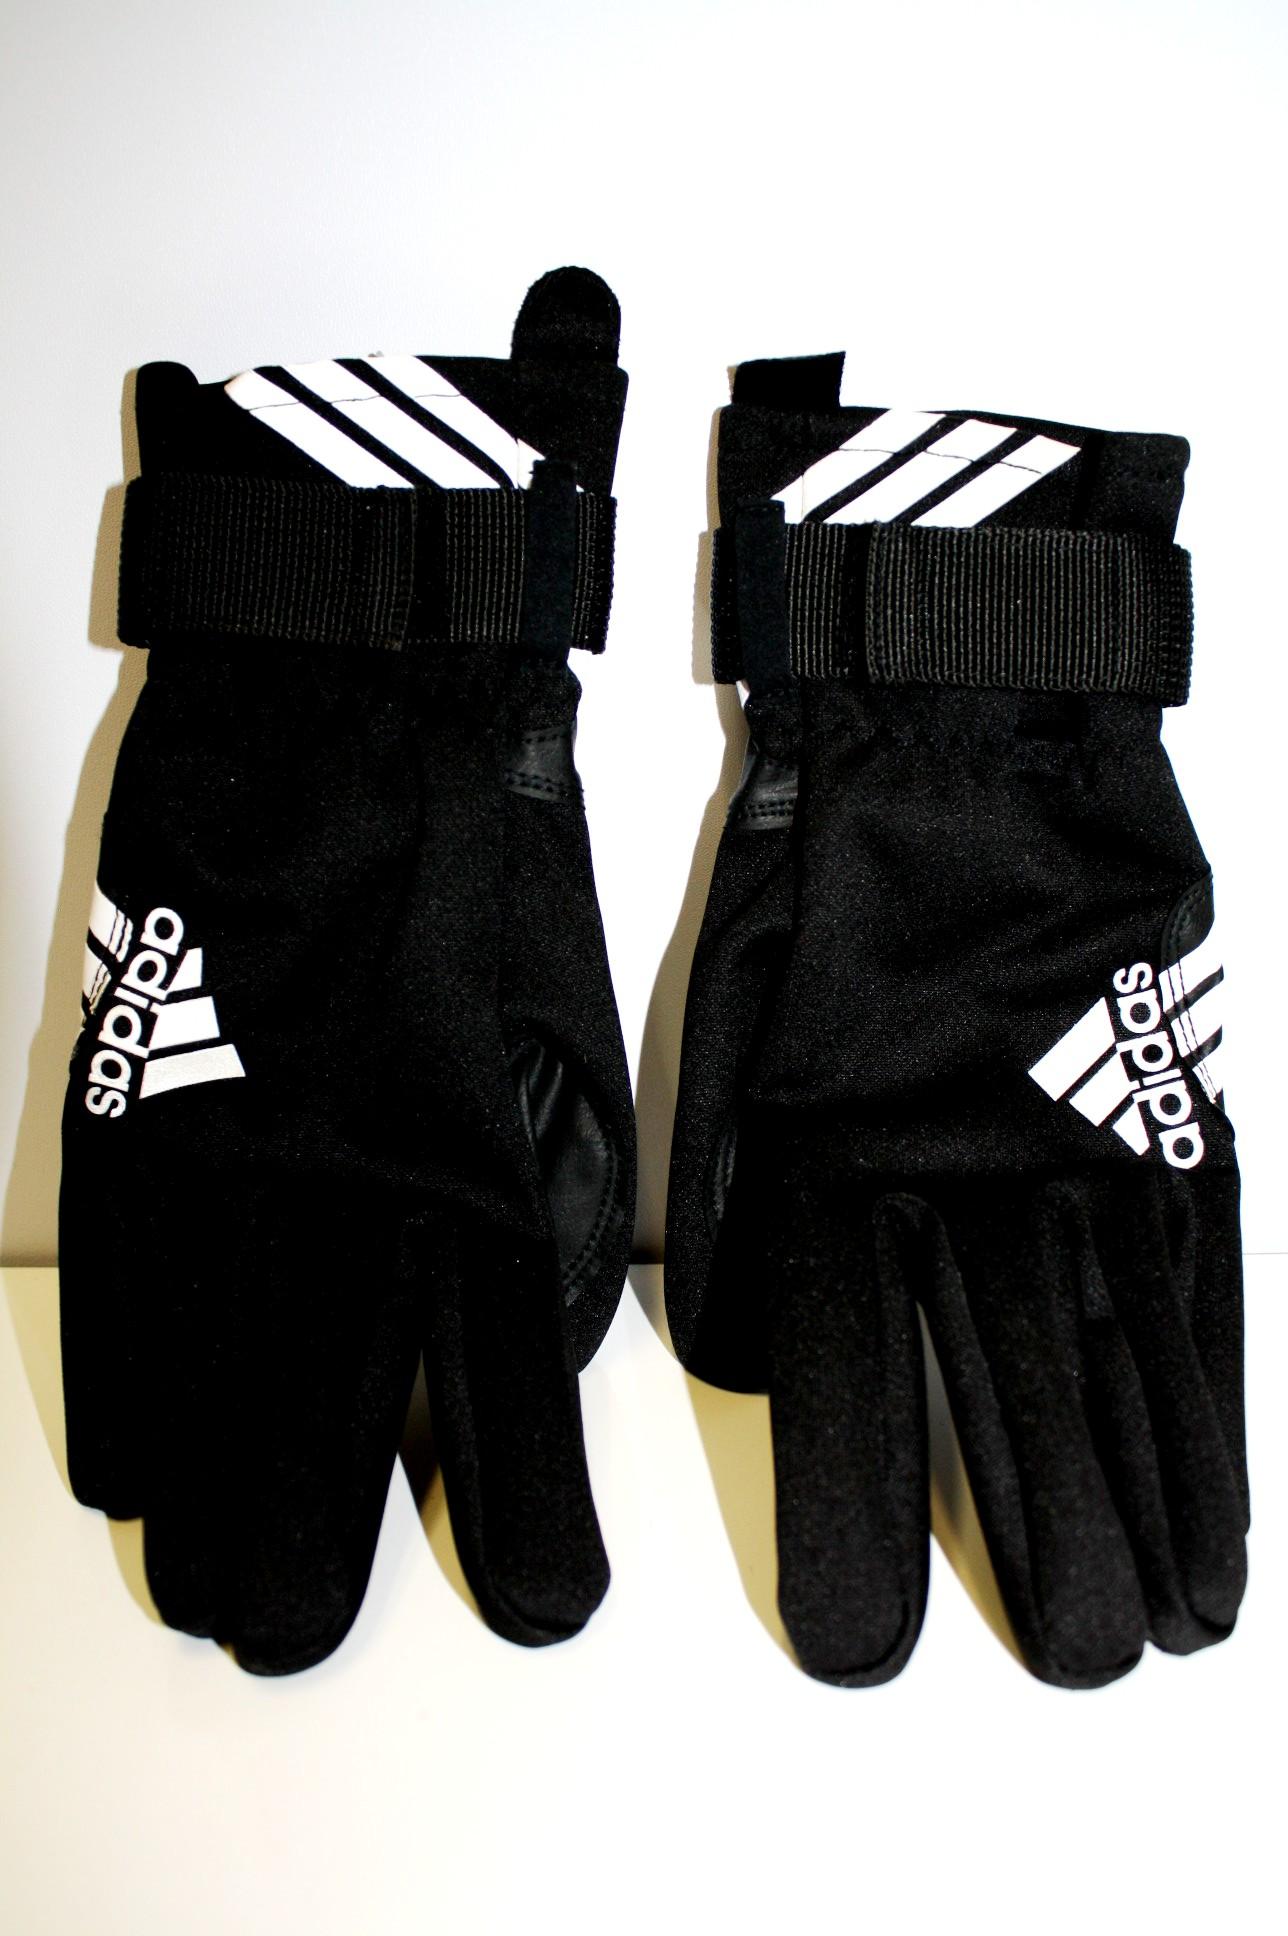 Rukavice Adidas Luge Glove černe Adidas Rukavice - klikněte pro větší náhled fa311a00e3